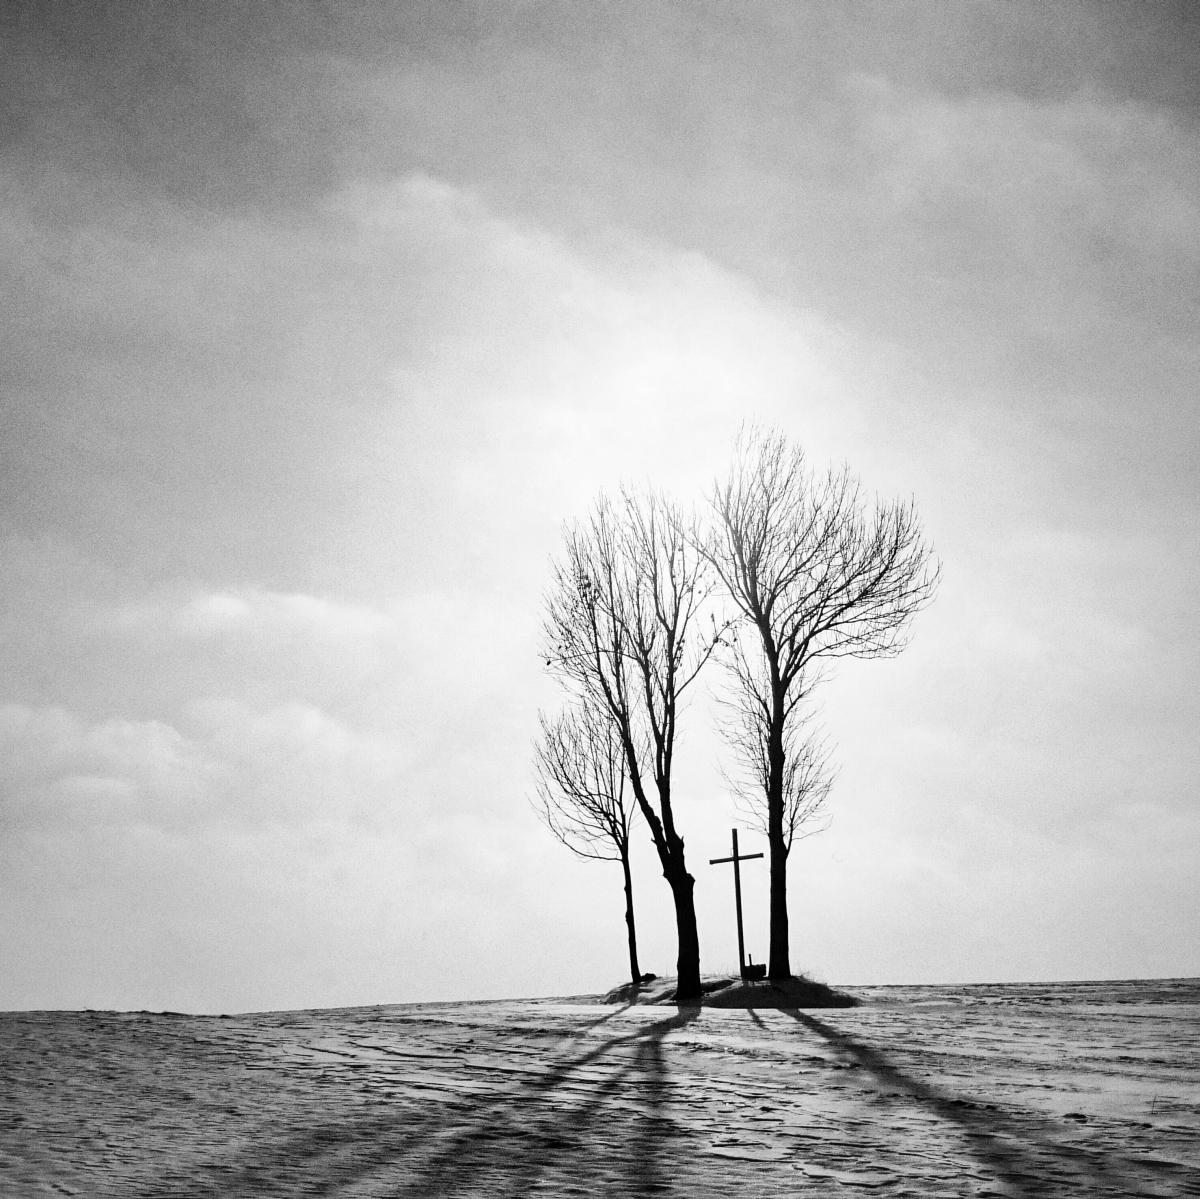 Fot. Ryszard Kaźmierczak